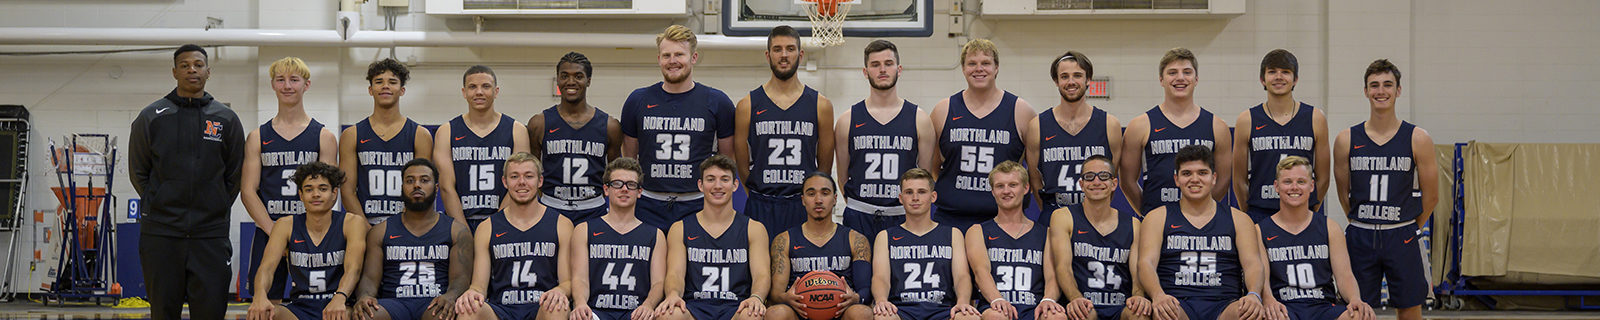 Men's Basketball team